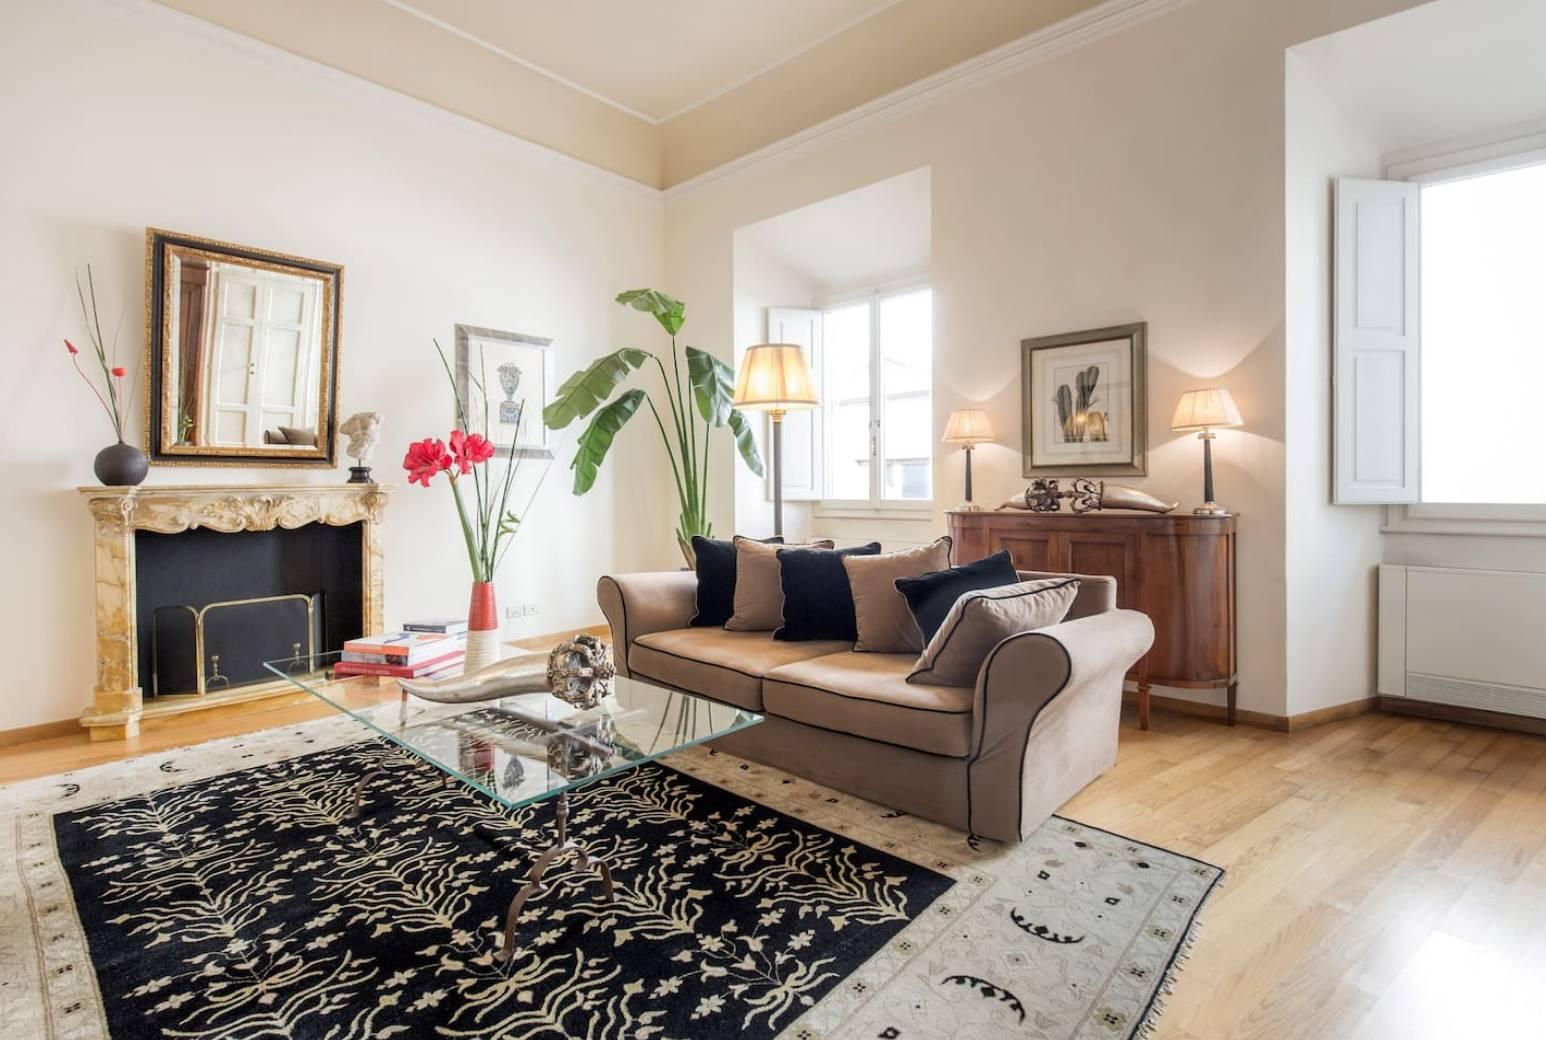 Nei pressi della famosa piazza di Santo Spirito, affittasi elegante appartamento di 190 mq, sito al secondo piano di palazzina tipica del centro